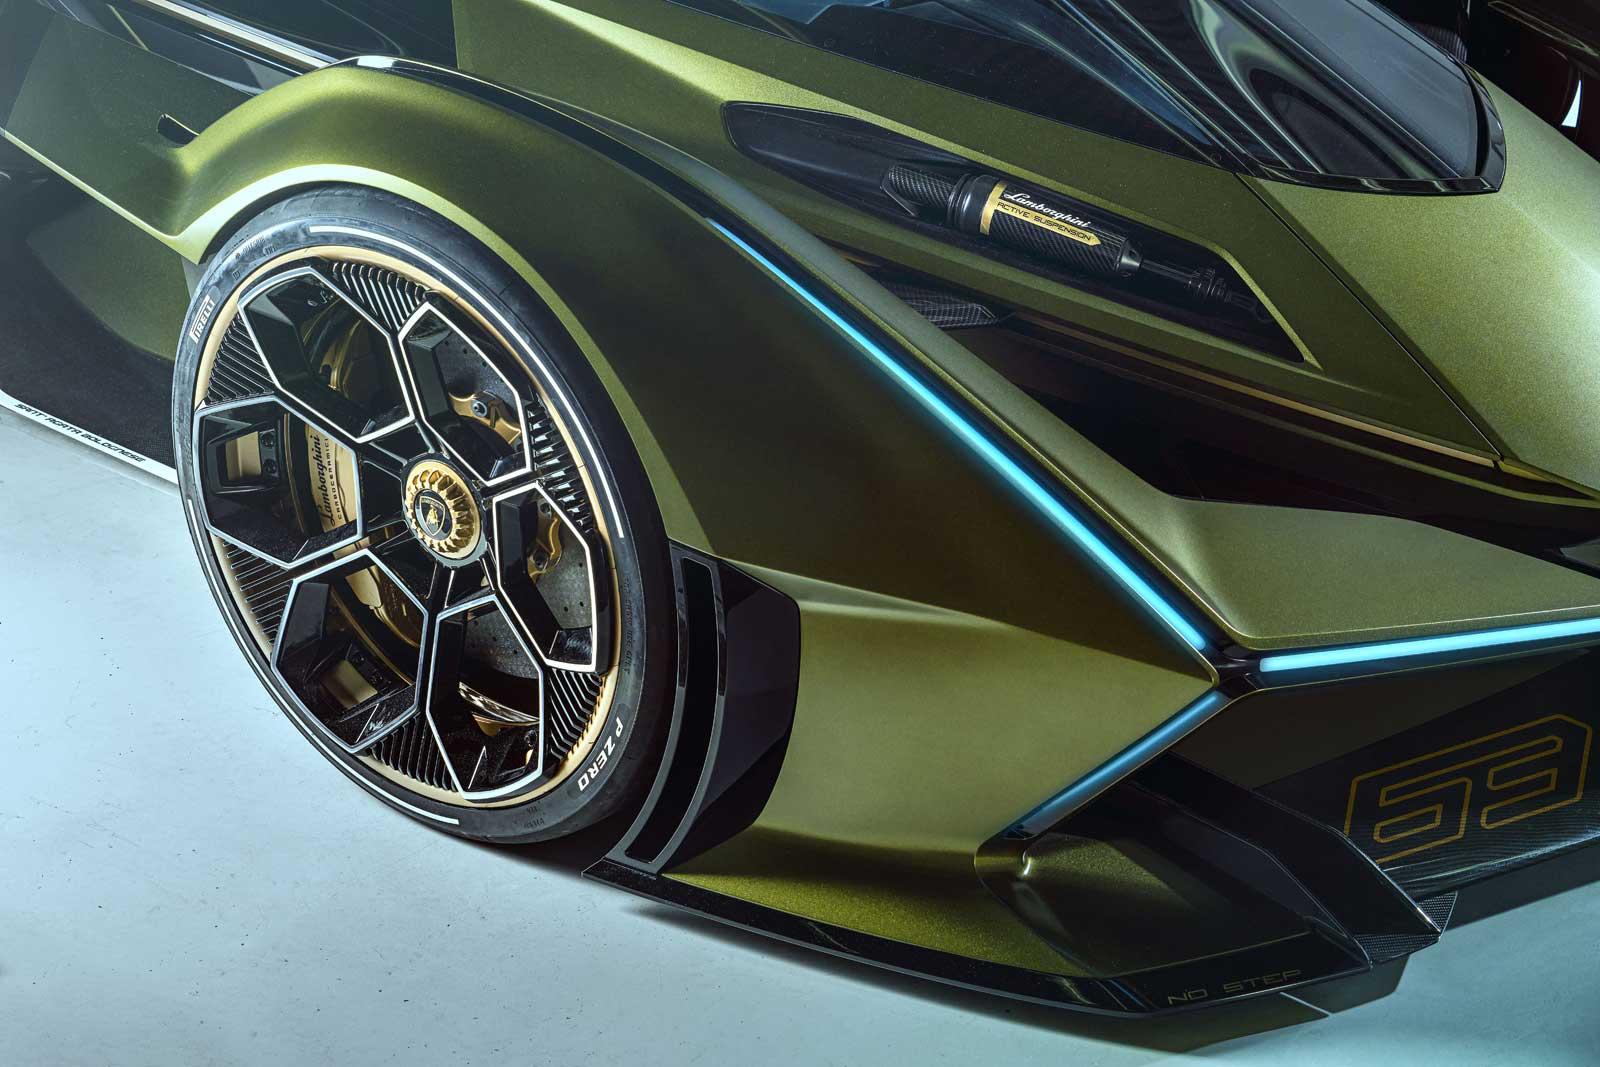 Lamborghini Lambo V12 Vision Gran Turismo Revealed - Motor ...